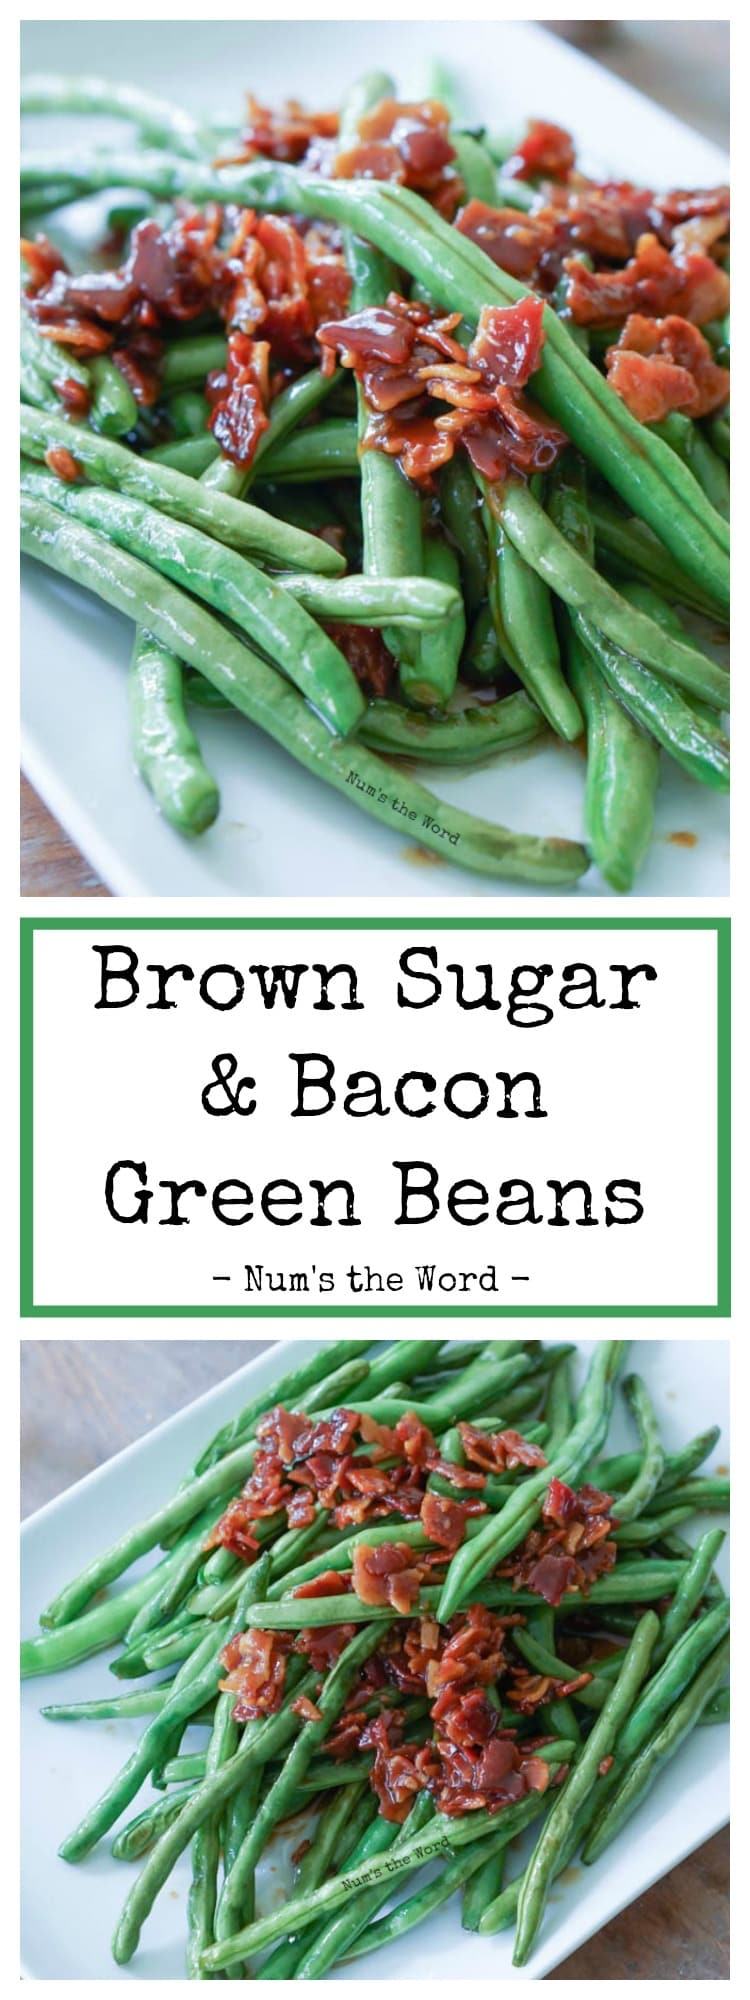 Brown Sugar & Bacon Green Beans